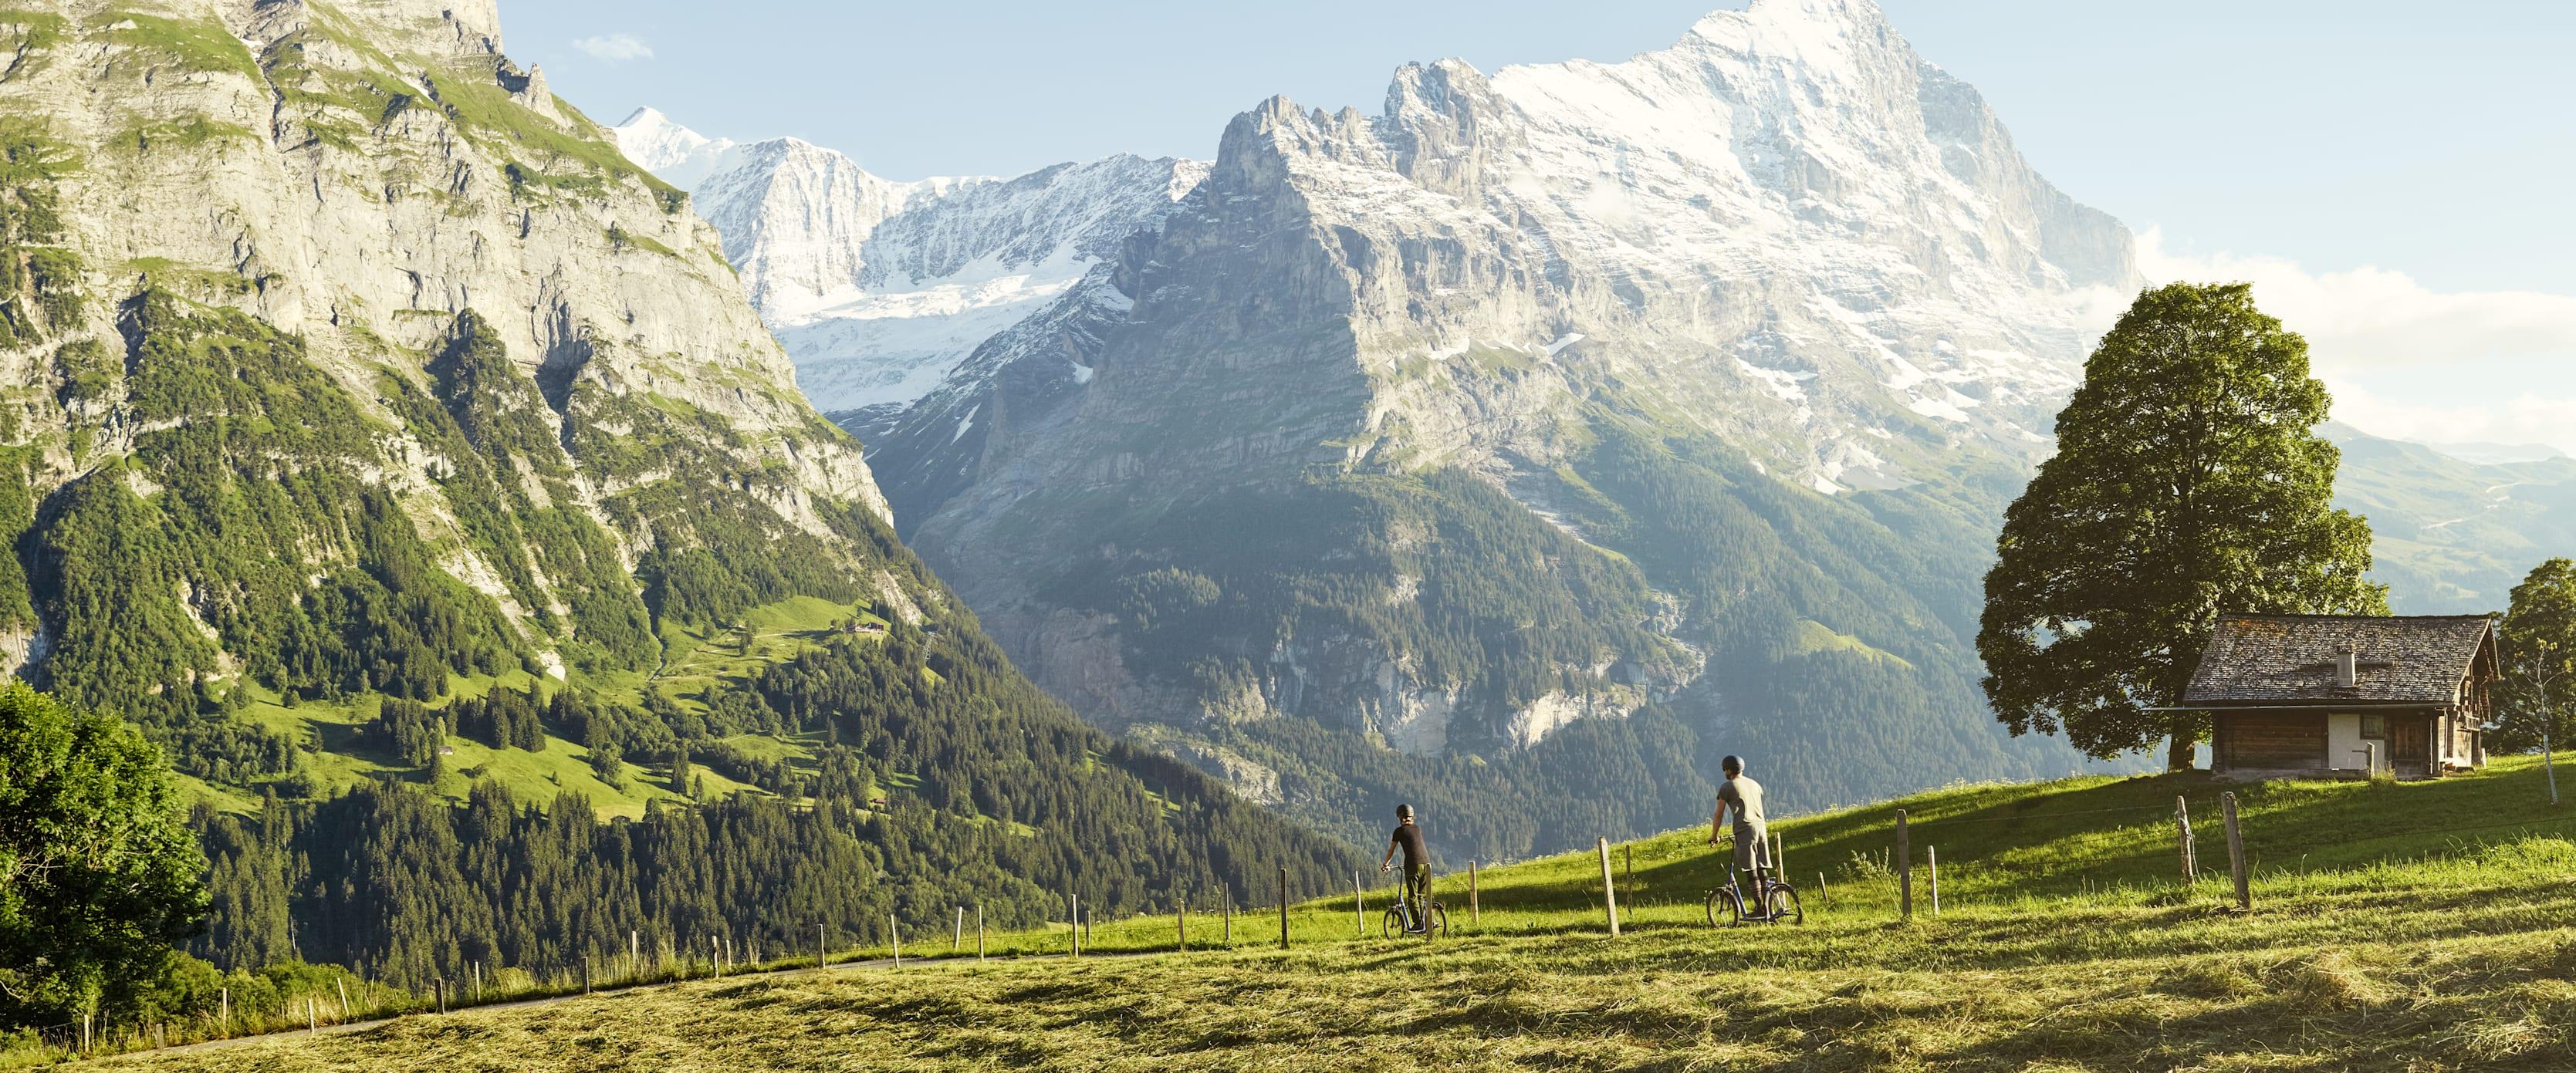 Trottibike Grindelwald First Eigernordwand